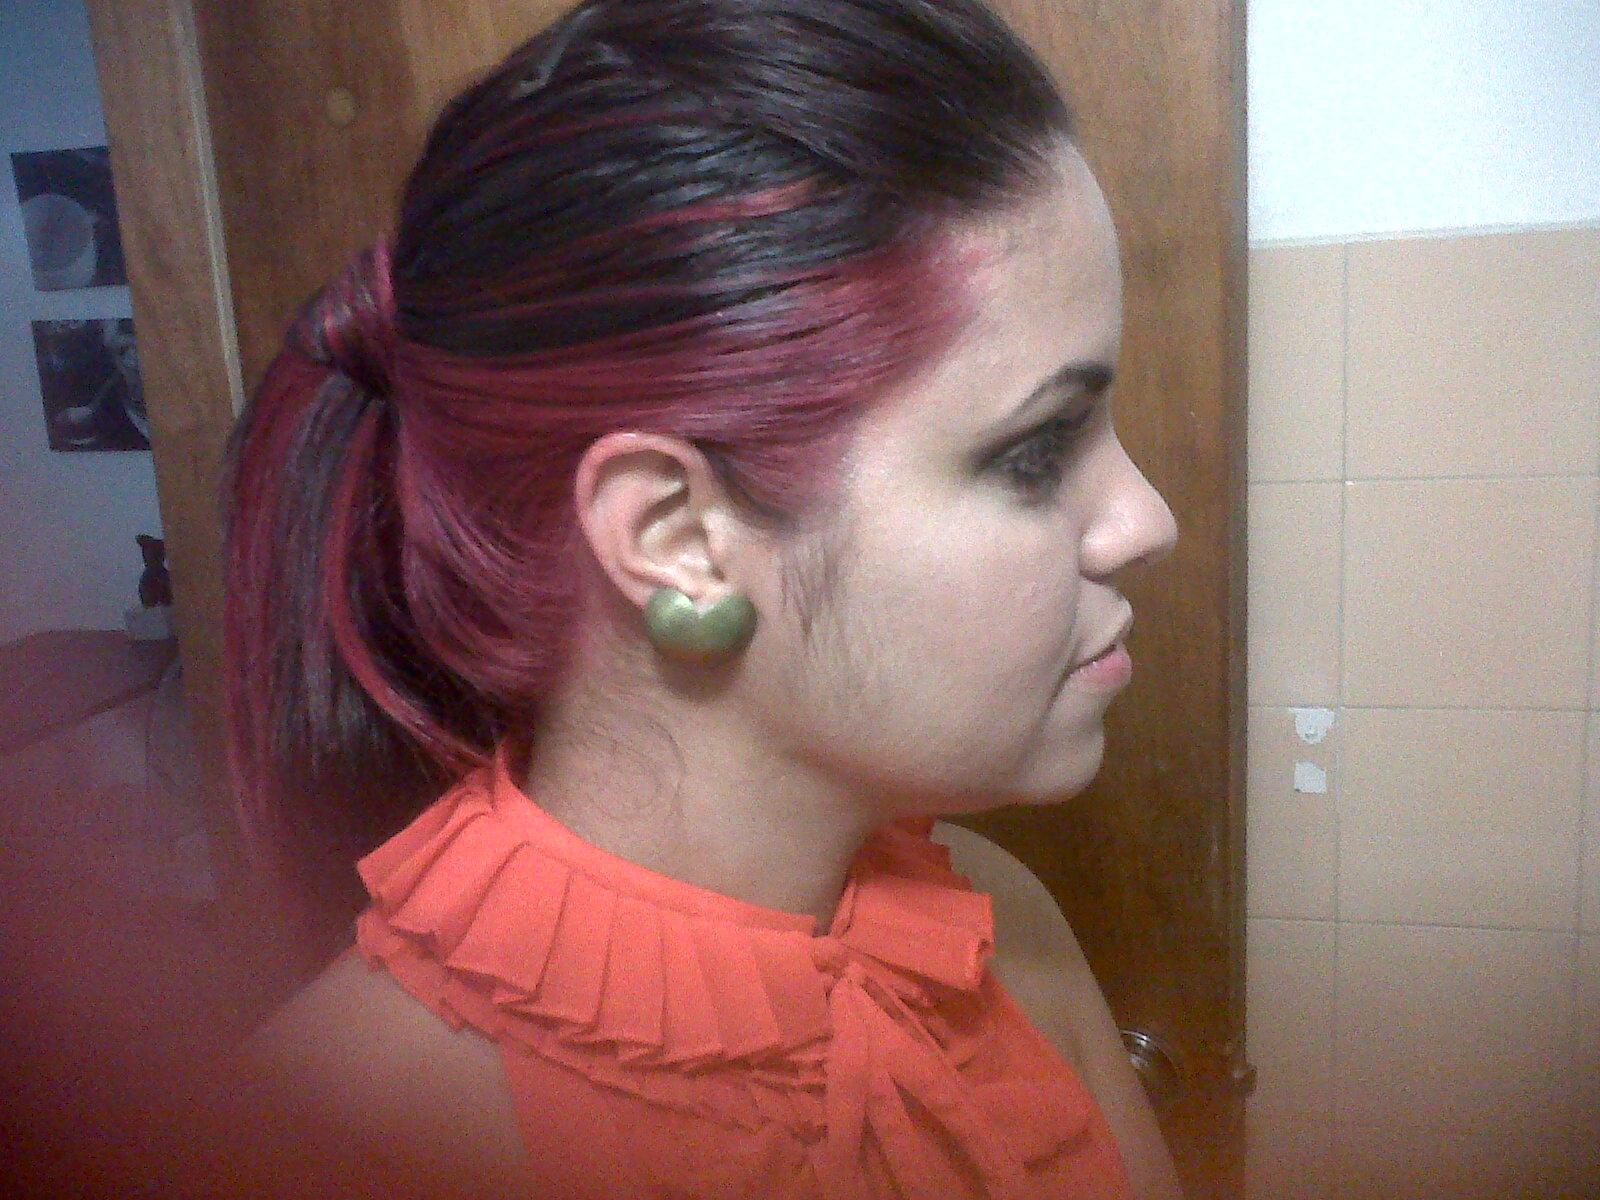 Baño De Color Rojo En Pelo Oscuro:Gina Rojas Maquillaje, belleza y algo más: Tinte no aclara tinte